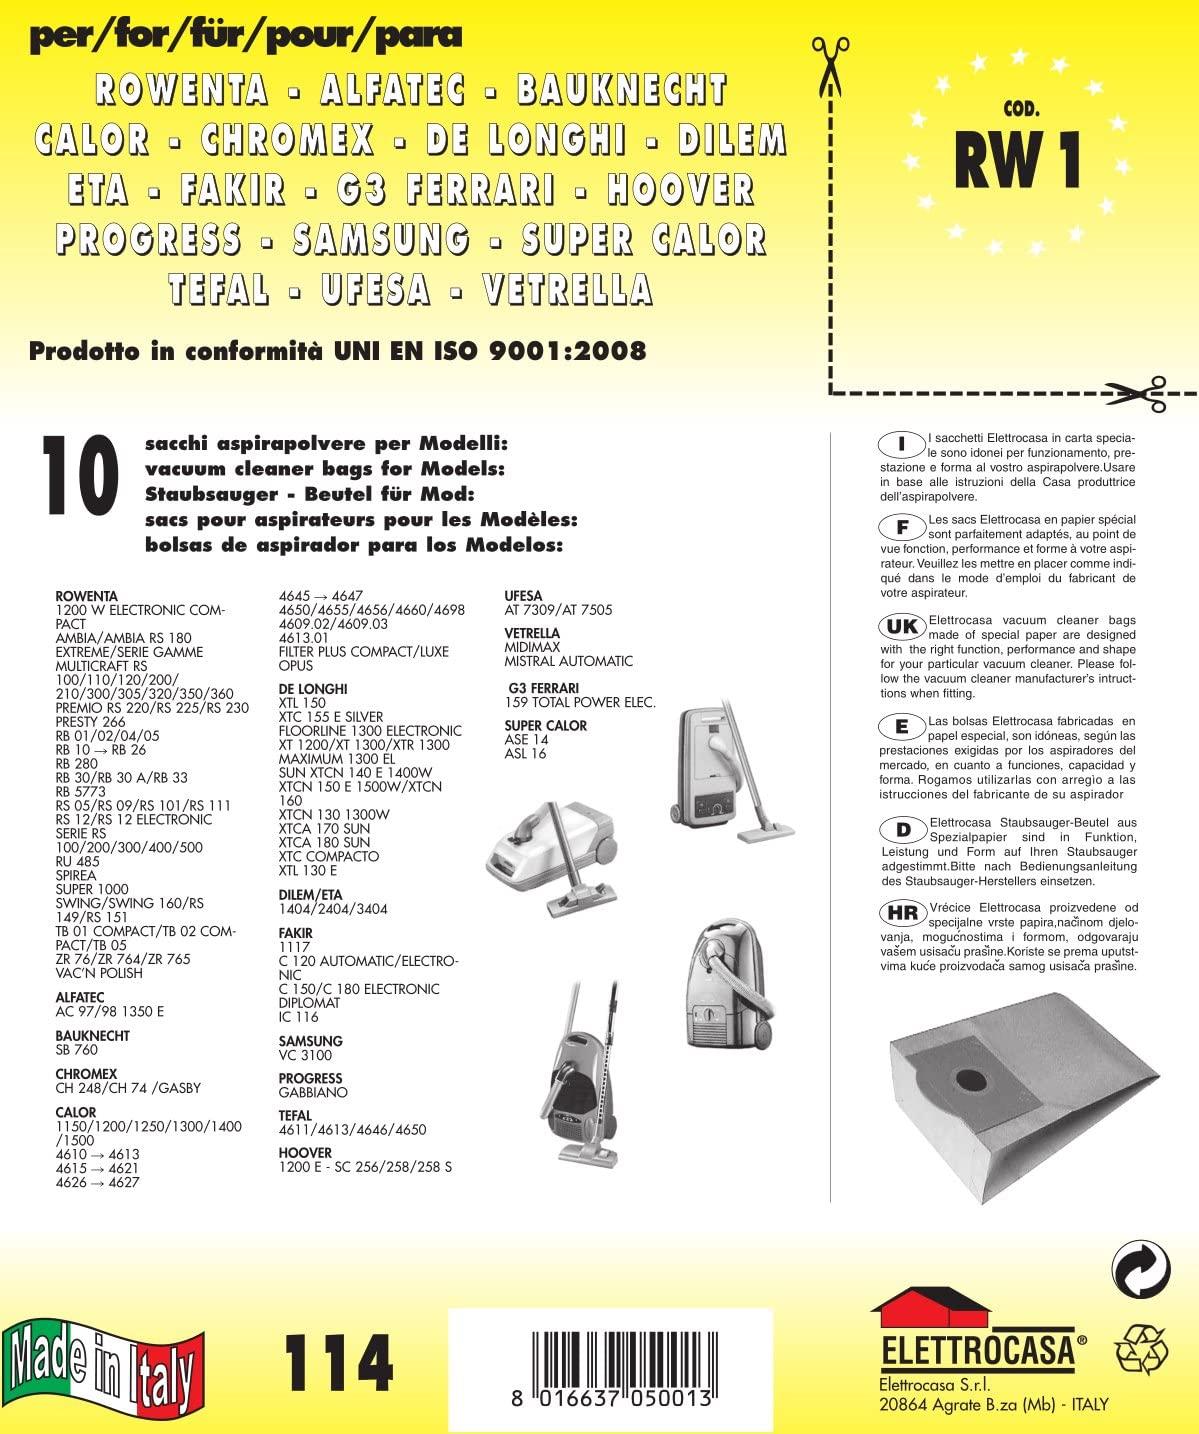 RW1 CONF.SACCH.x ROWENTA